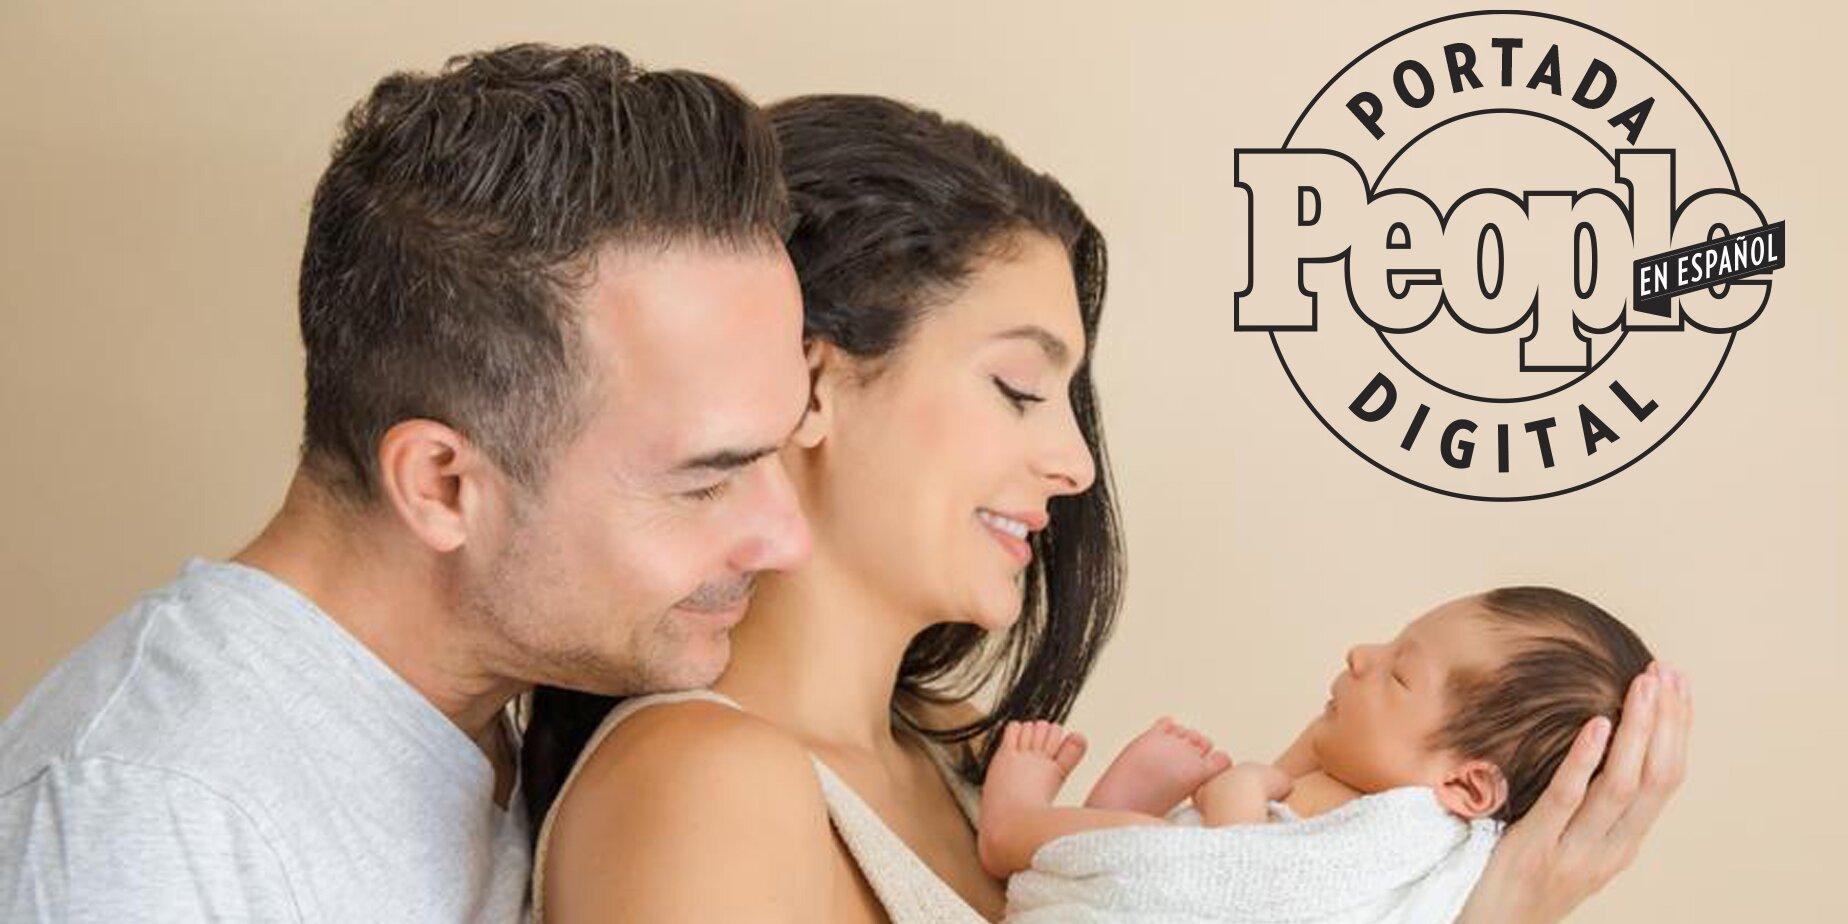 Fotos exclusivas del hijo de Carlos Calderón y Vanessa Lyon